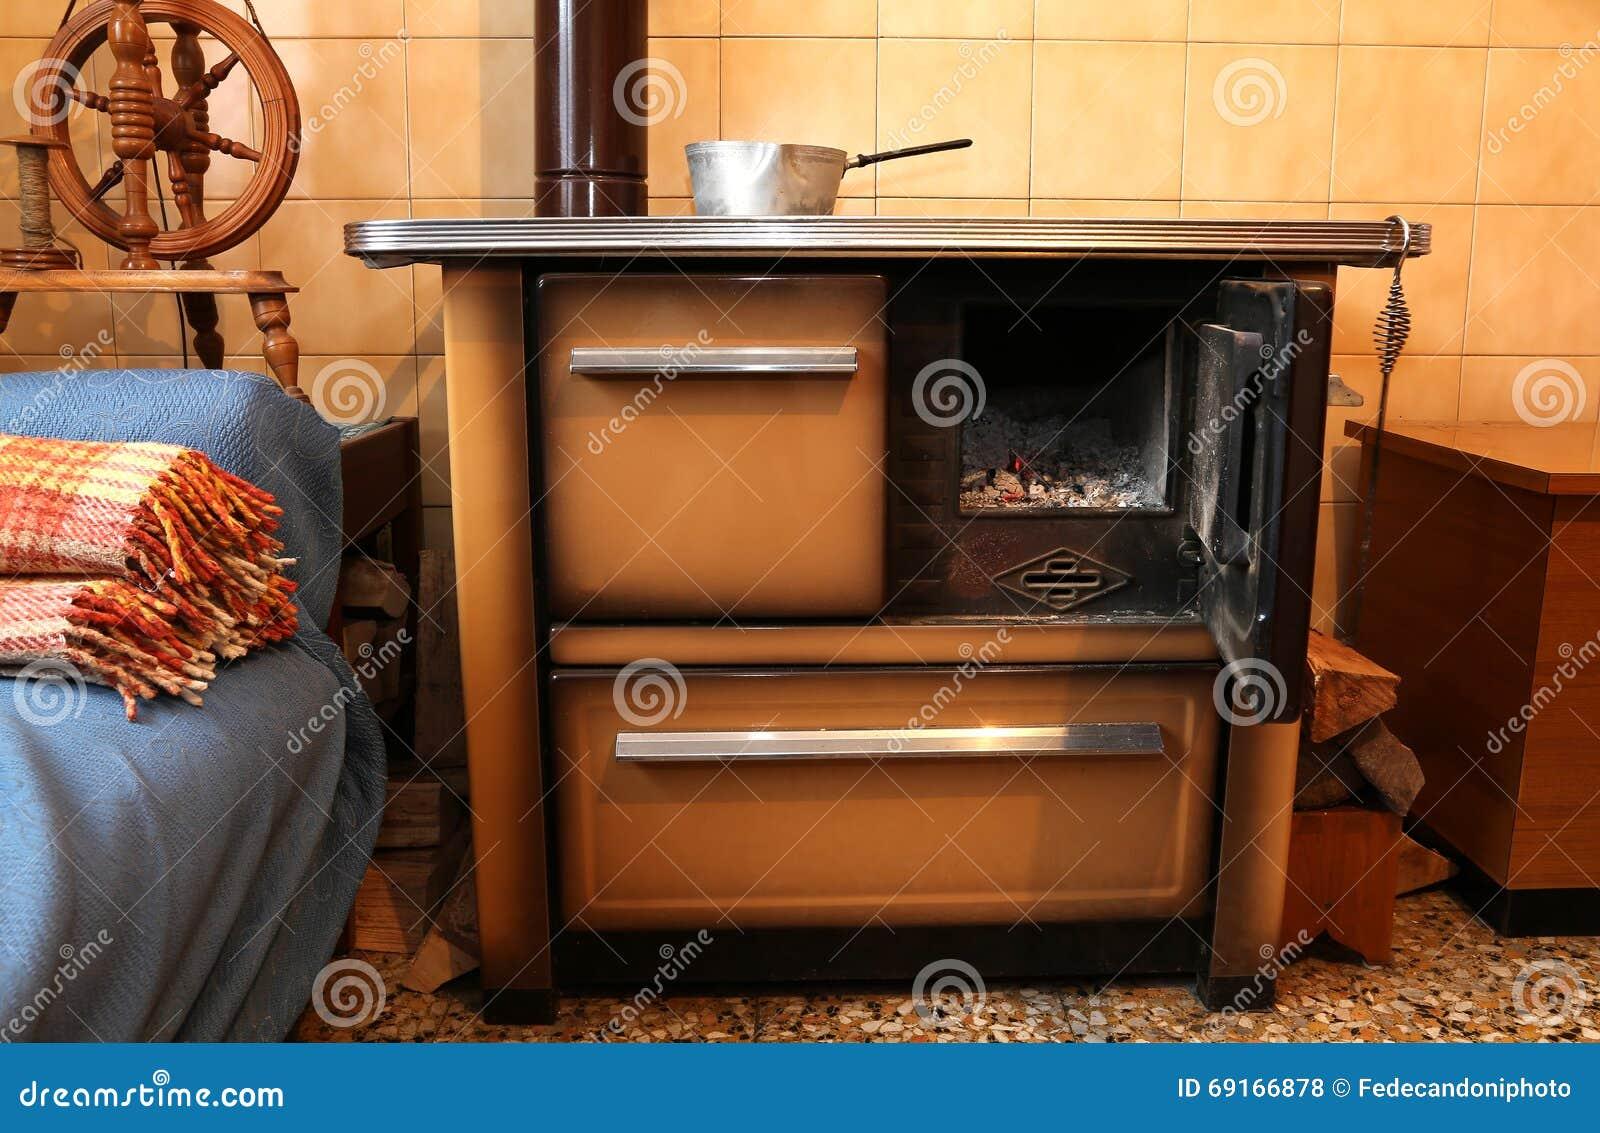 Ofen Küche | Alter Holz Brennender Ofen In Der Kuche Des Alten Hauses Stockfoto